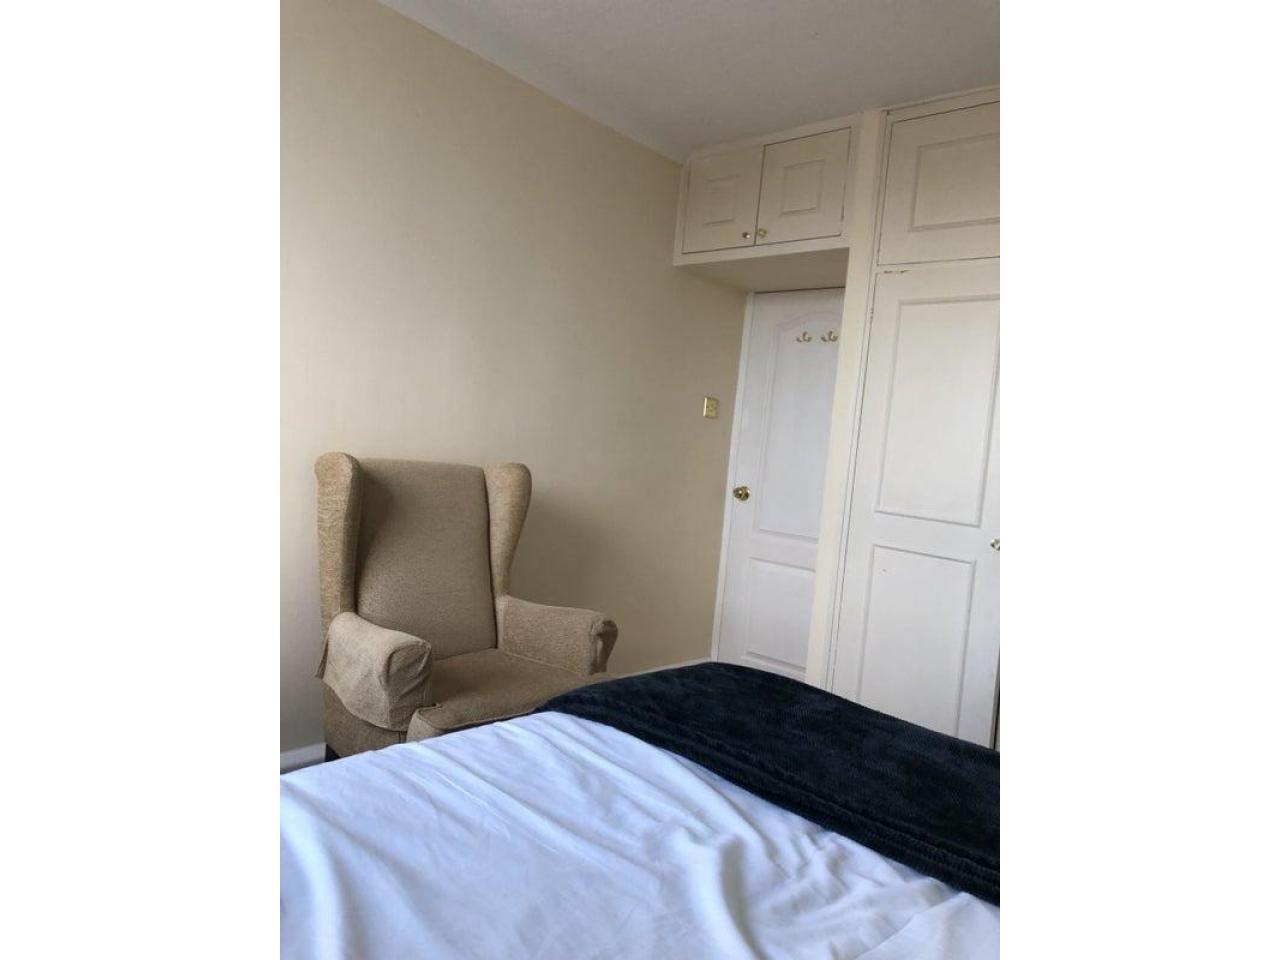 £185 Современная большая двухместная комната - 7